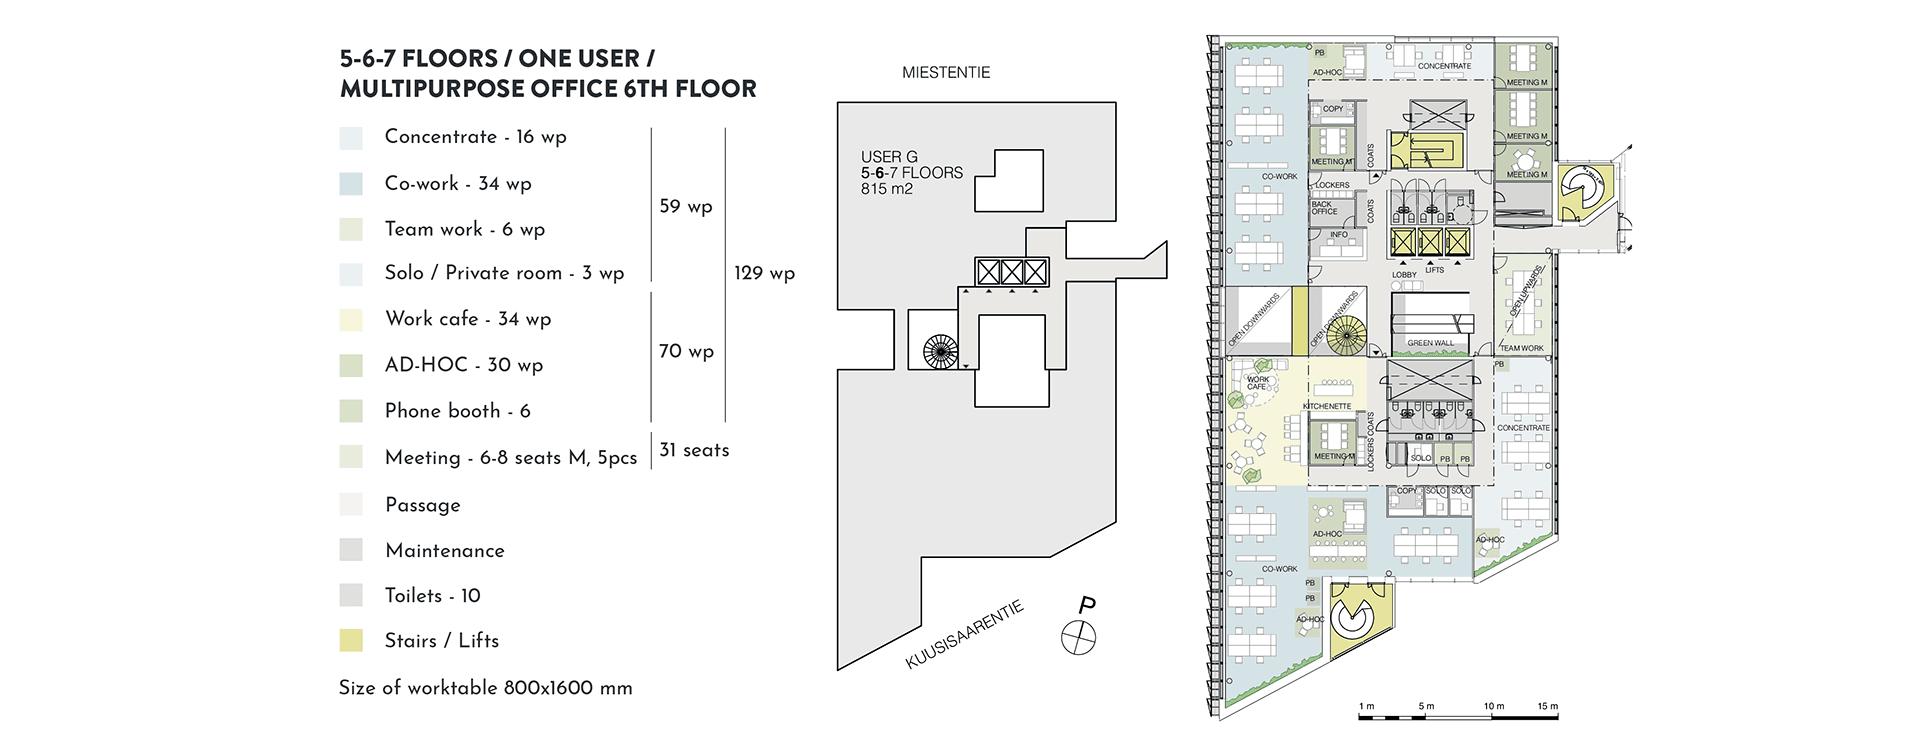 Swing House pohjapiirros monitilatoimisto yhdelle käyttäjälle, 6. krs., pinta-ala 815 m2/kerros